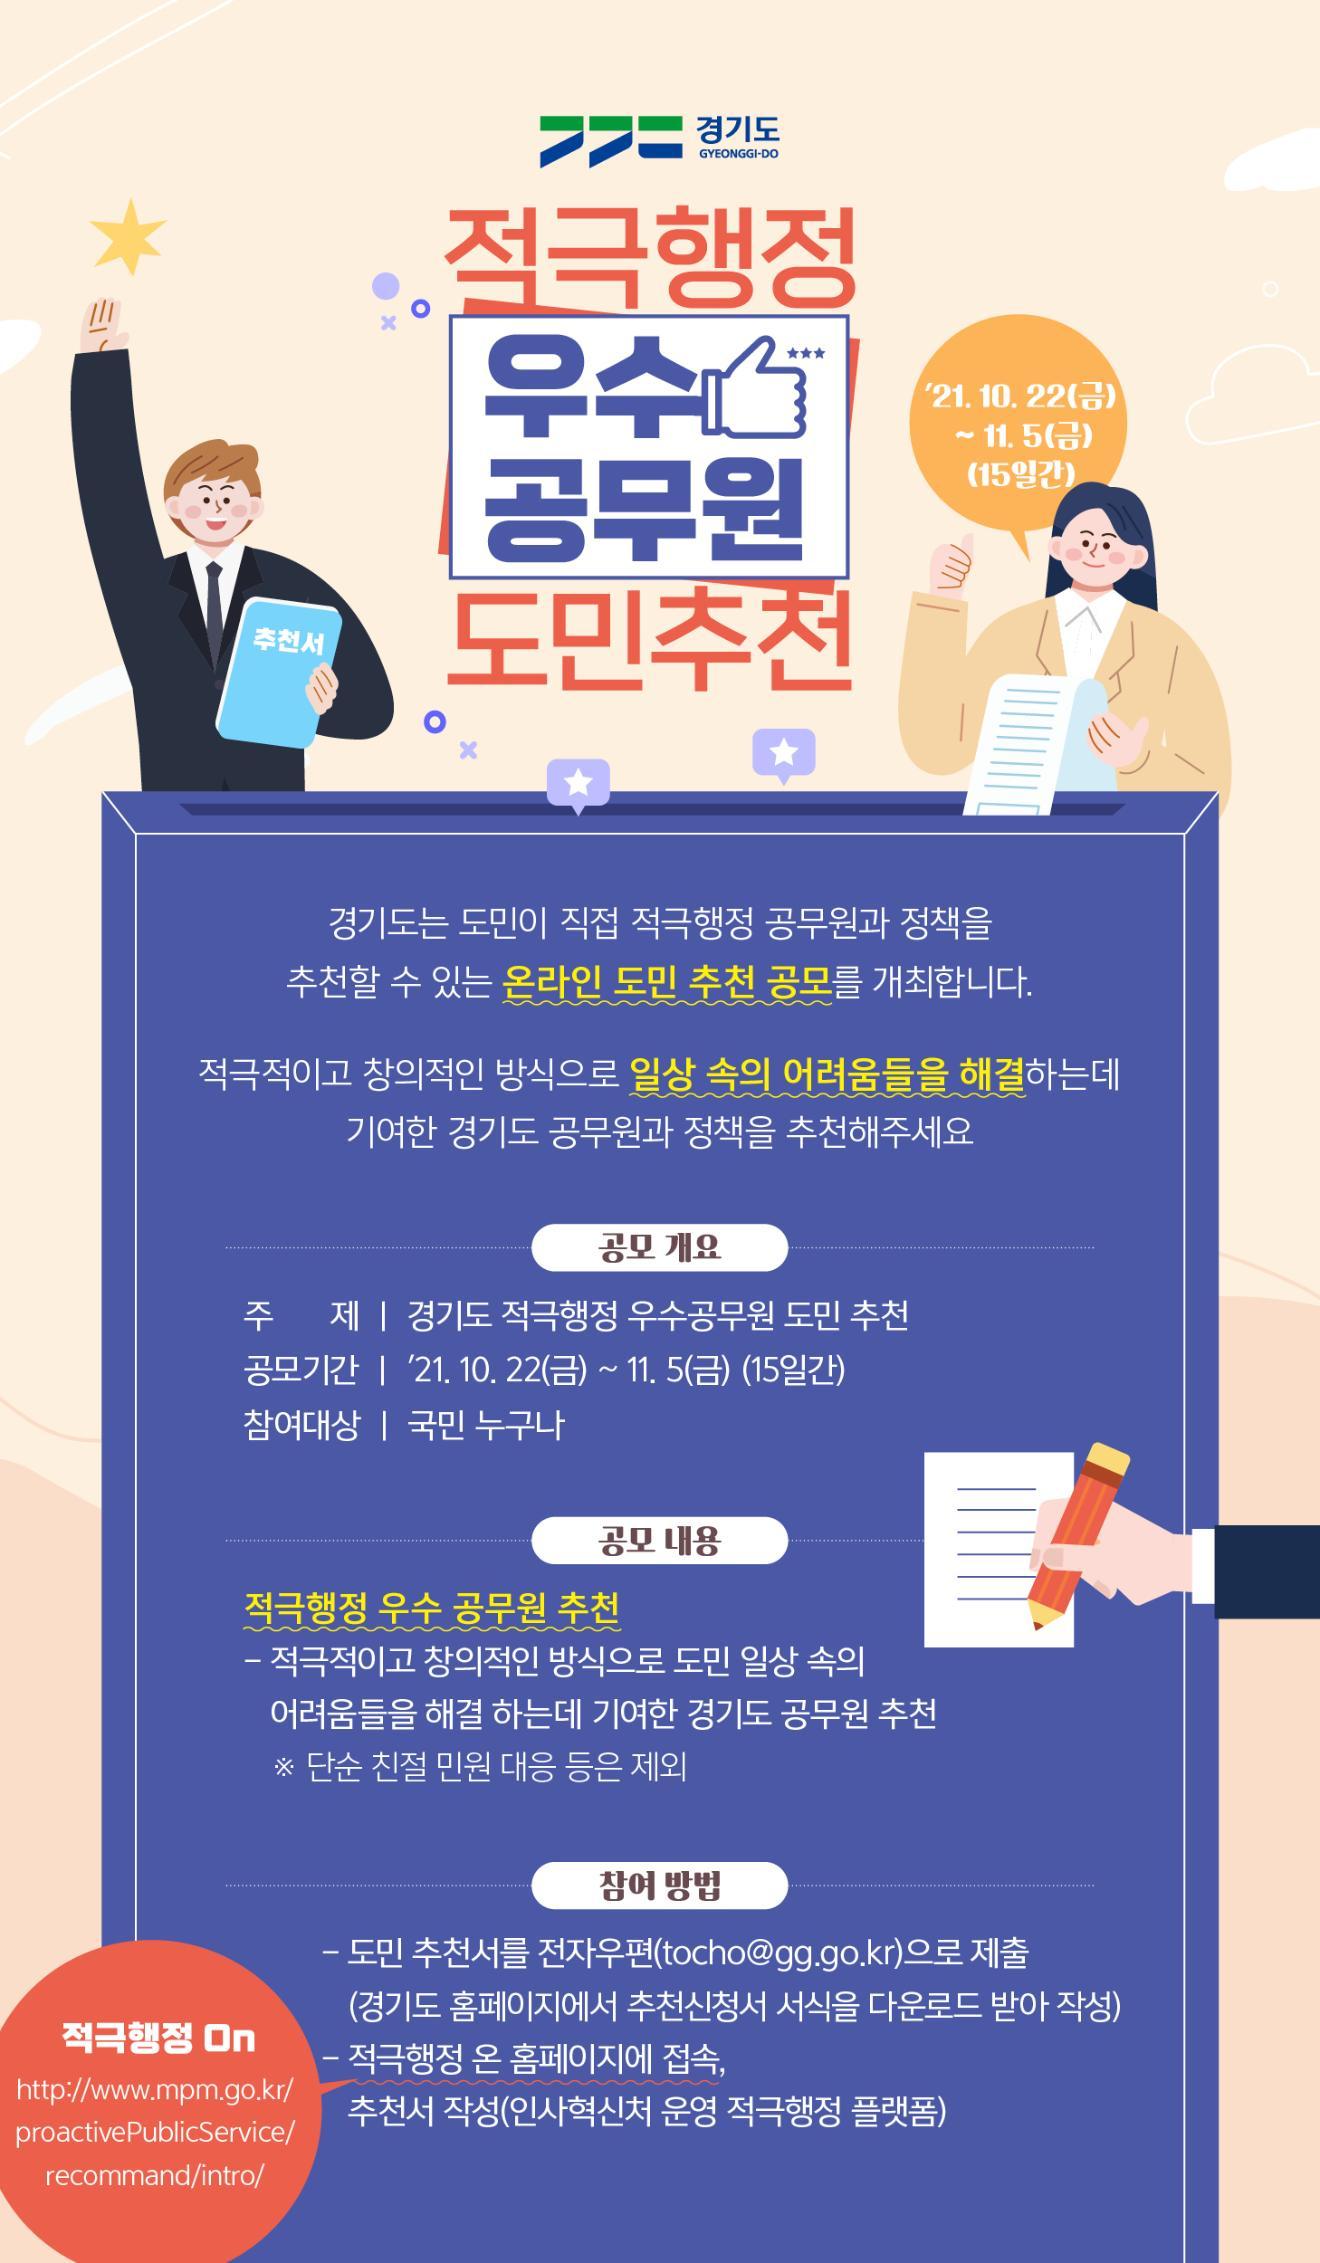 경기도 적극행정 우수공무원 도민 추천